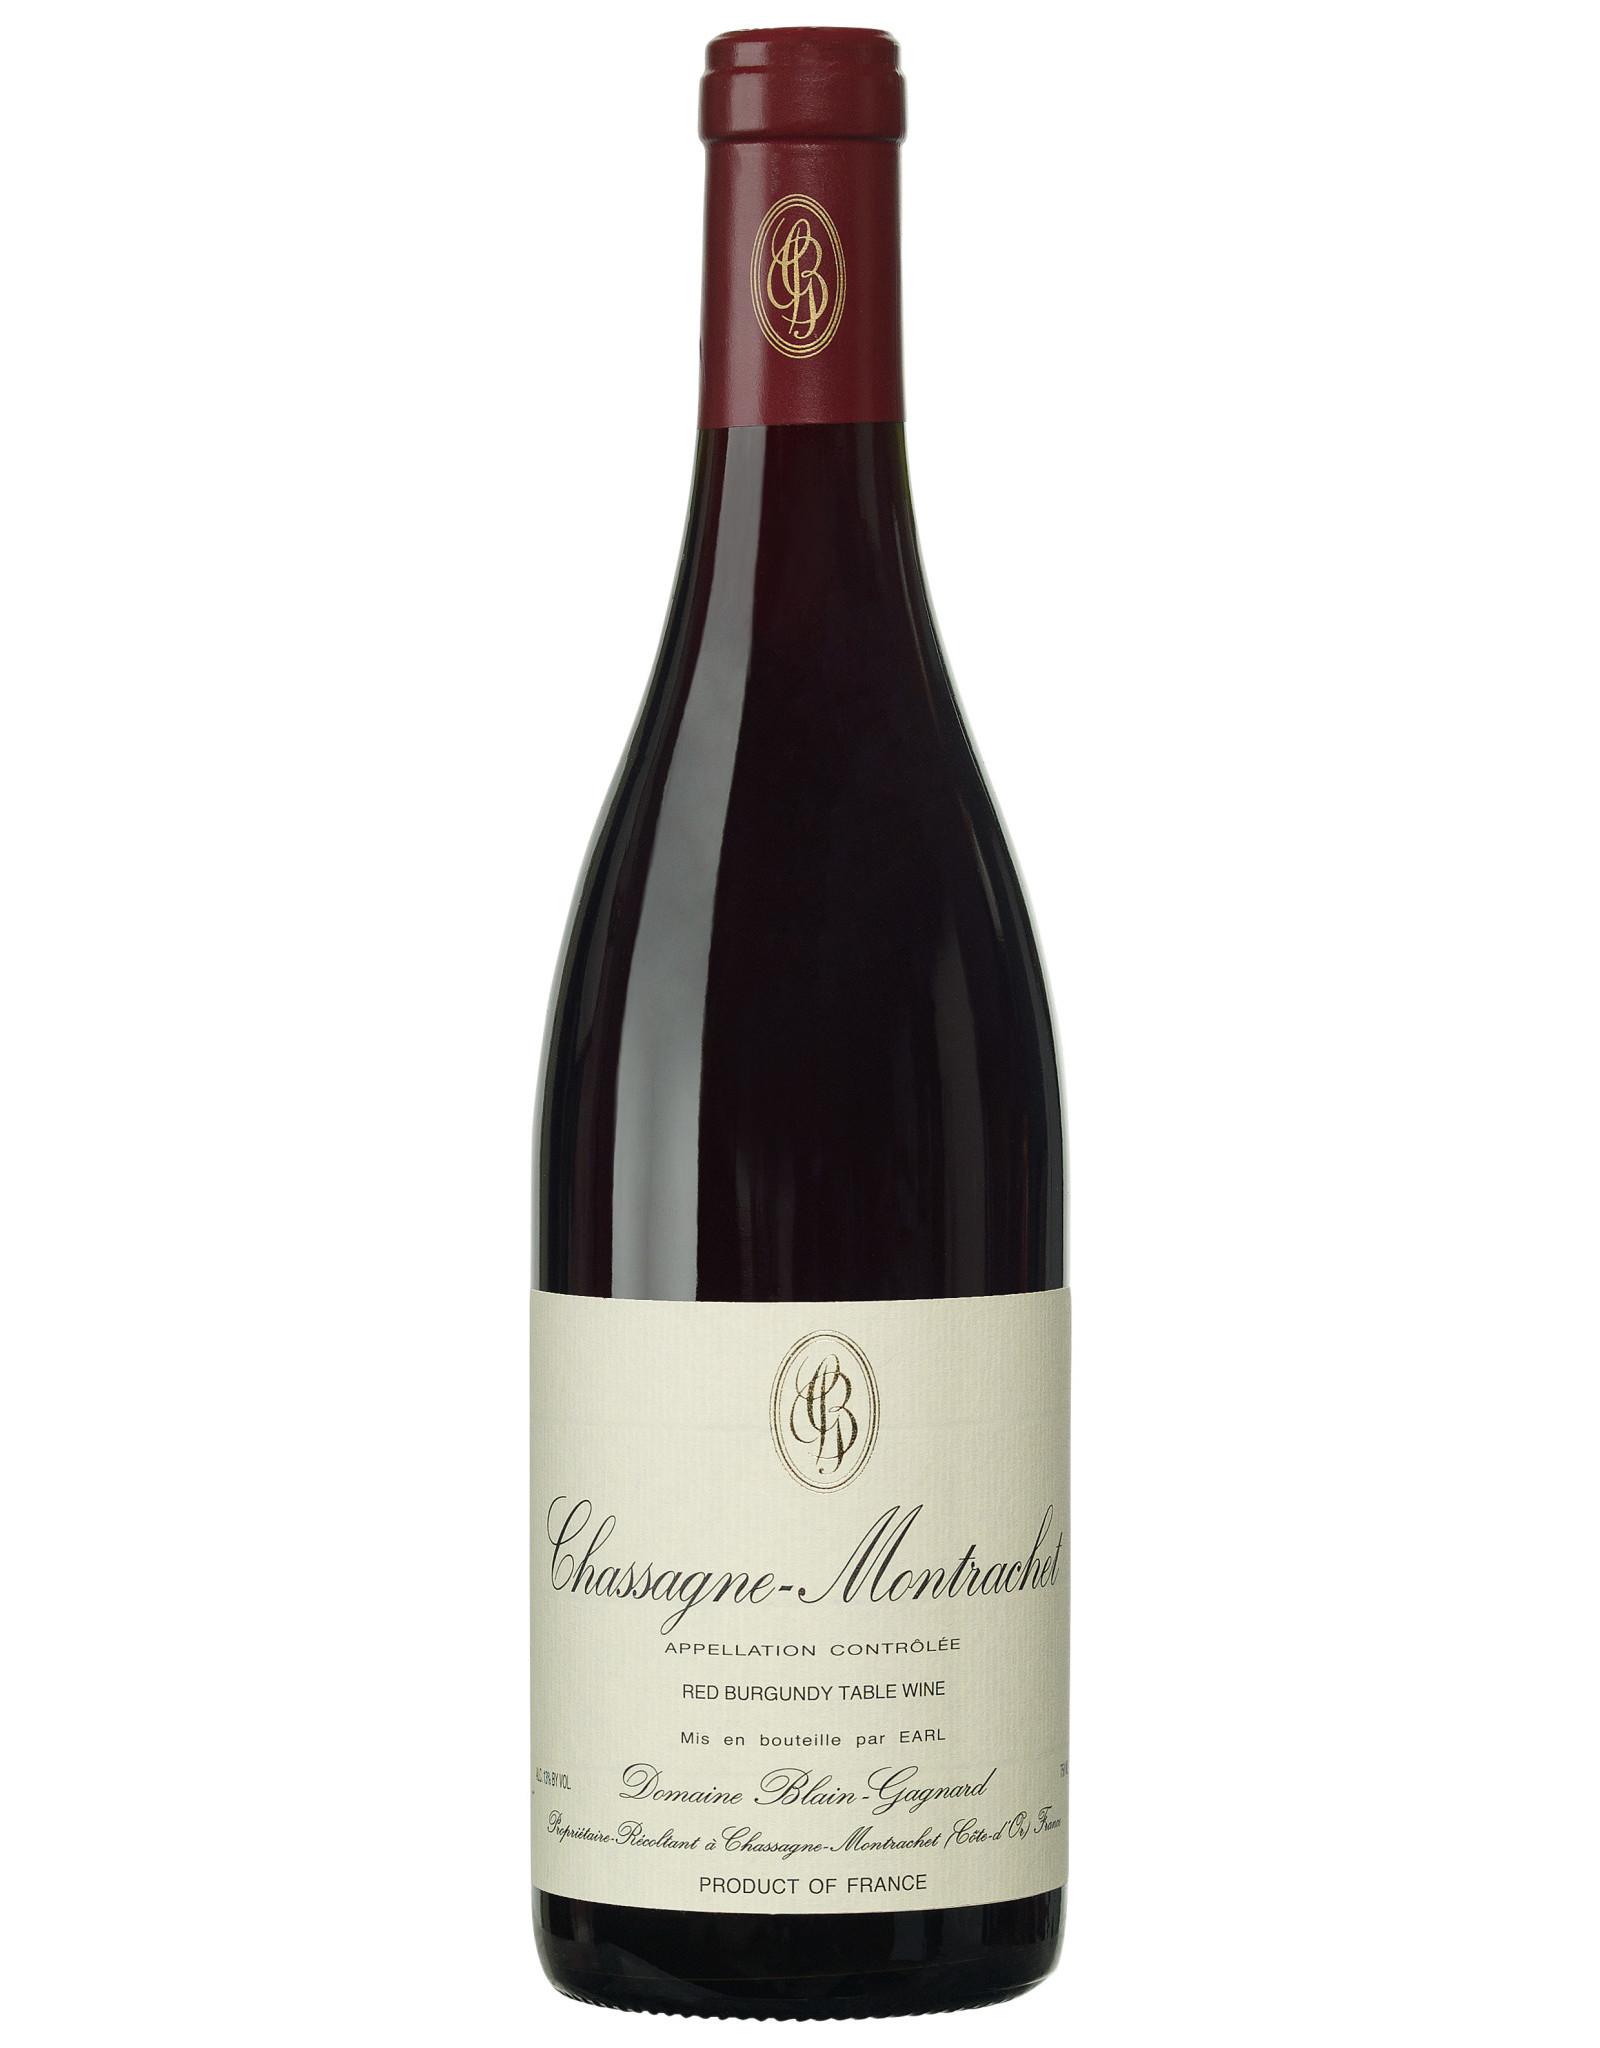 Blain-Gagnard Chassagne-Montrachet Rouge 2018